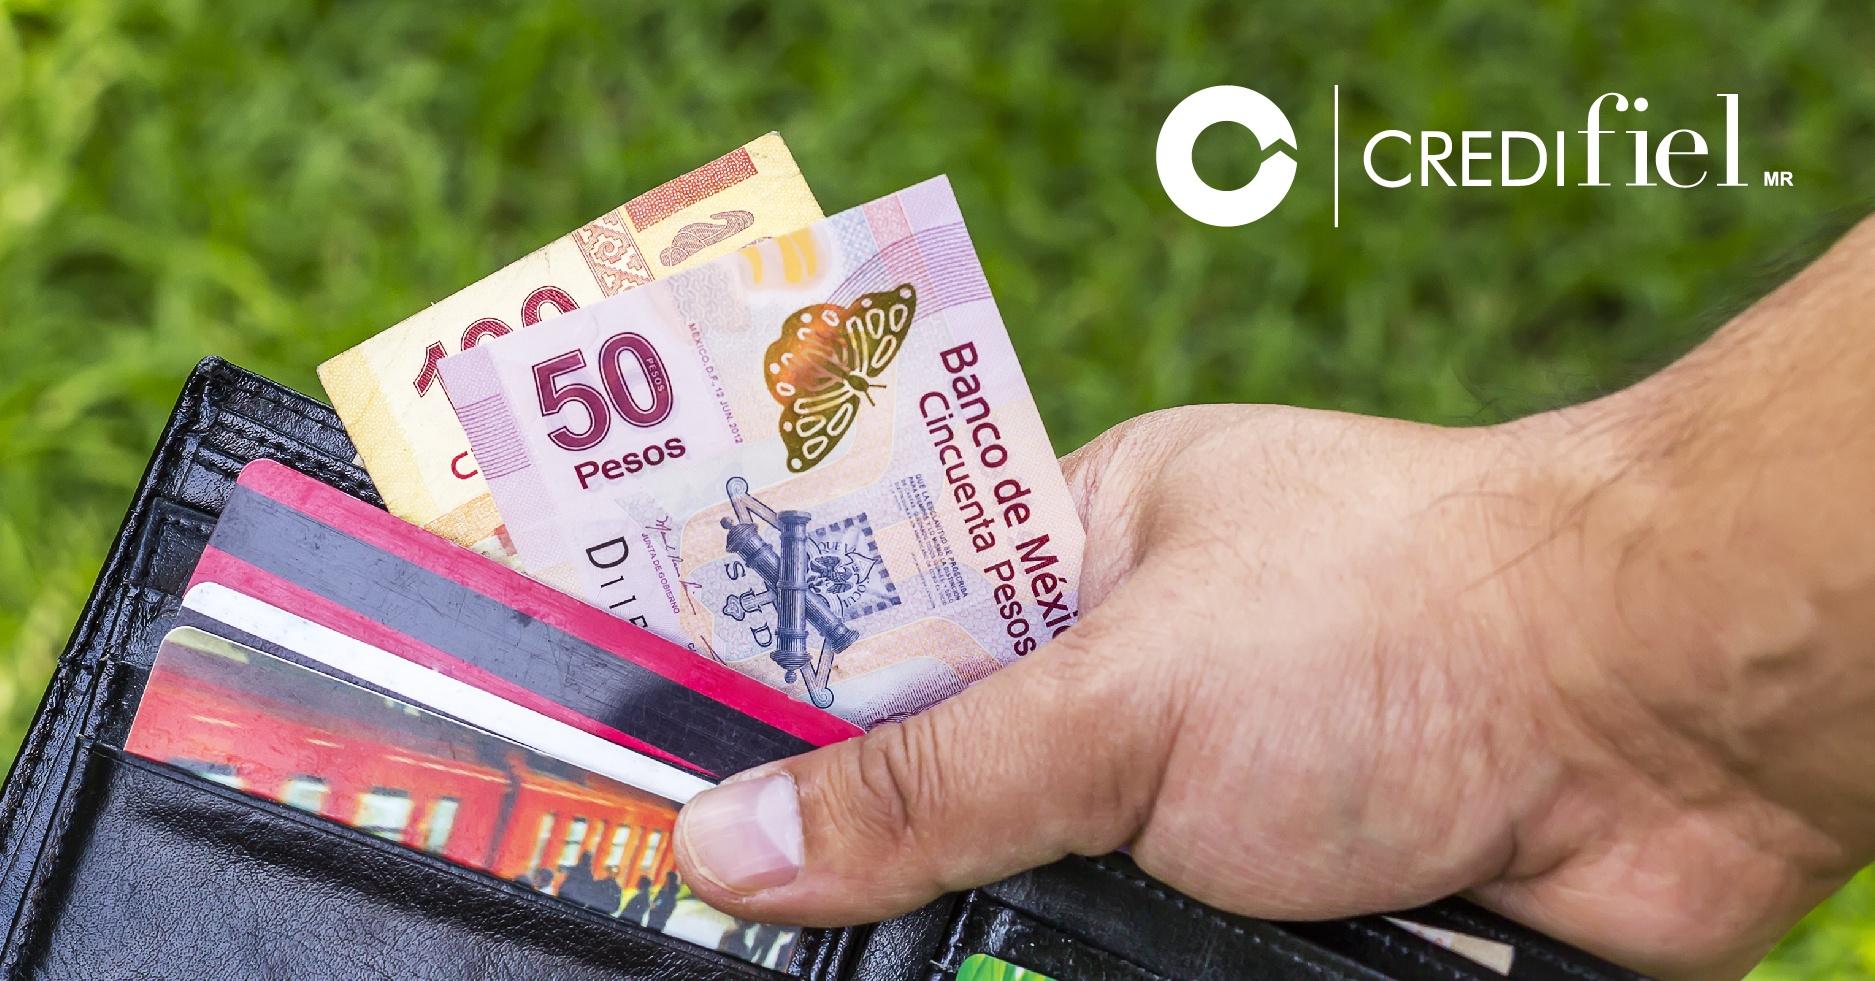 art-07-Las-mejores-recomendaciones-para-educar-tu-cartera-y-aumentar-tu-prosperidad